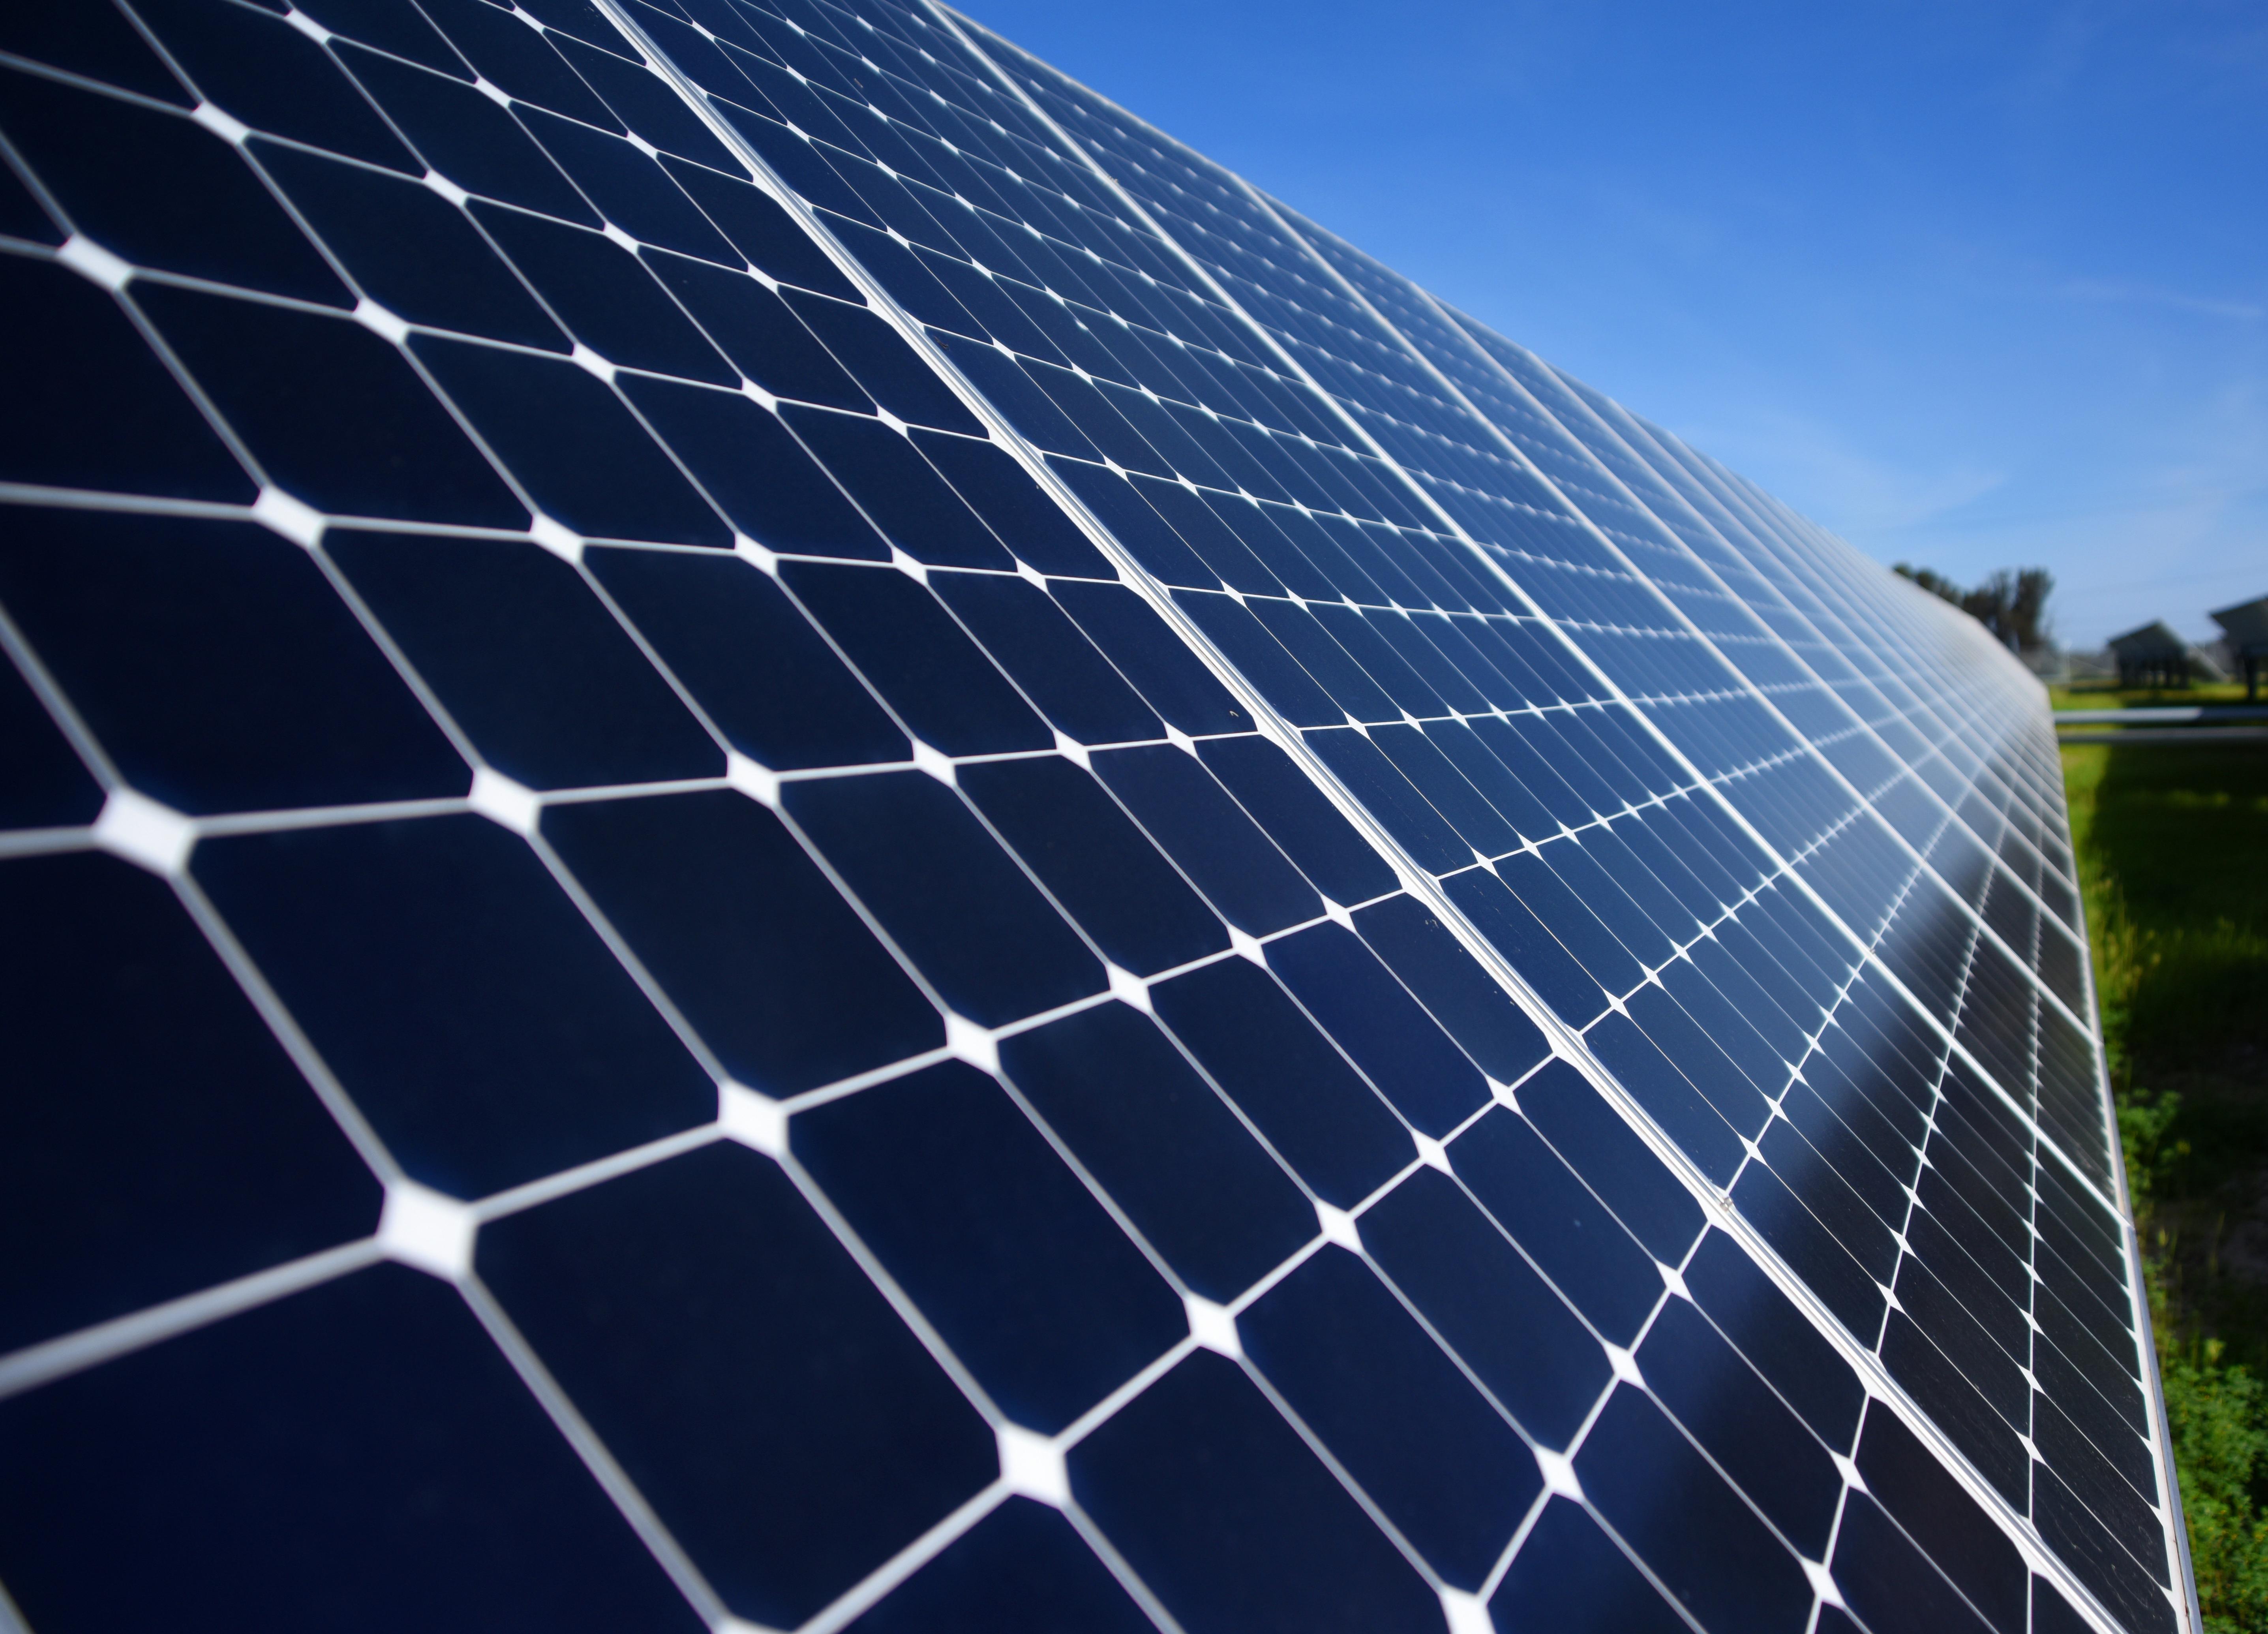 В Оренбургской области открыли самый крупный в России комплекс солнечных электростанций